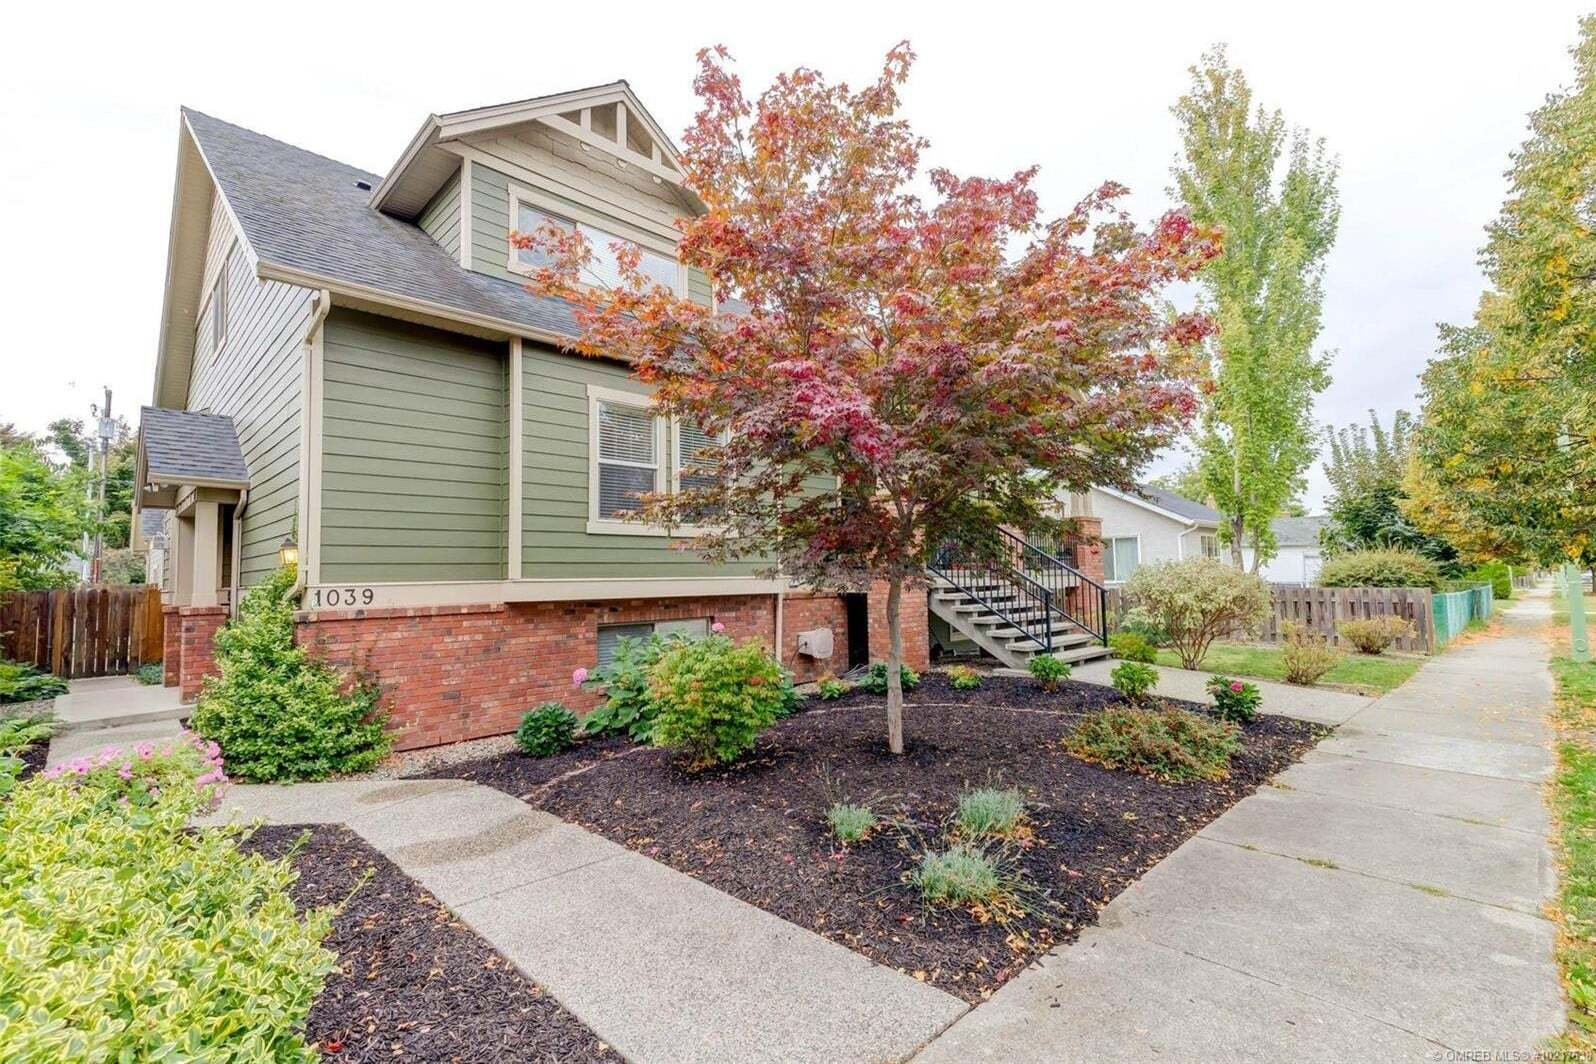 House for sale at 1039 Fuller Ave Kelowna British Columbia - MLS: 10217638